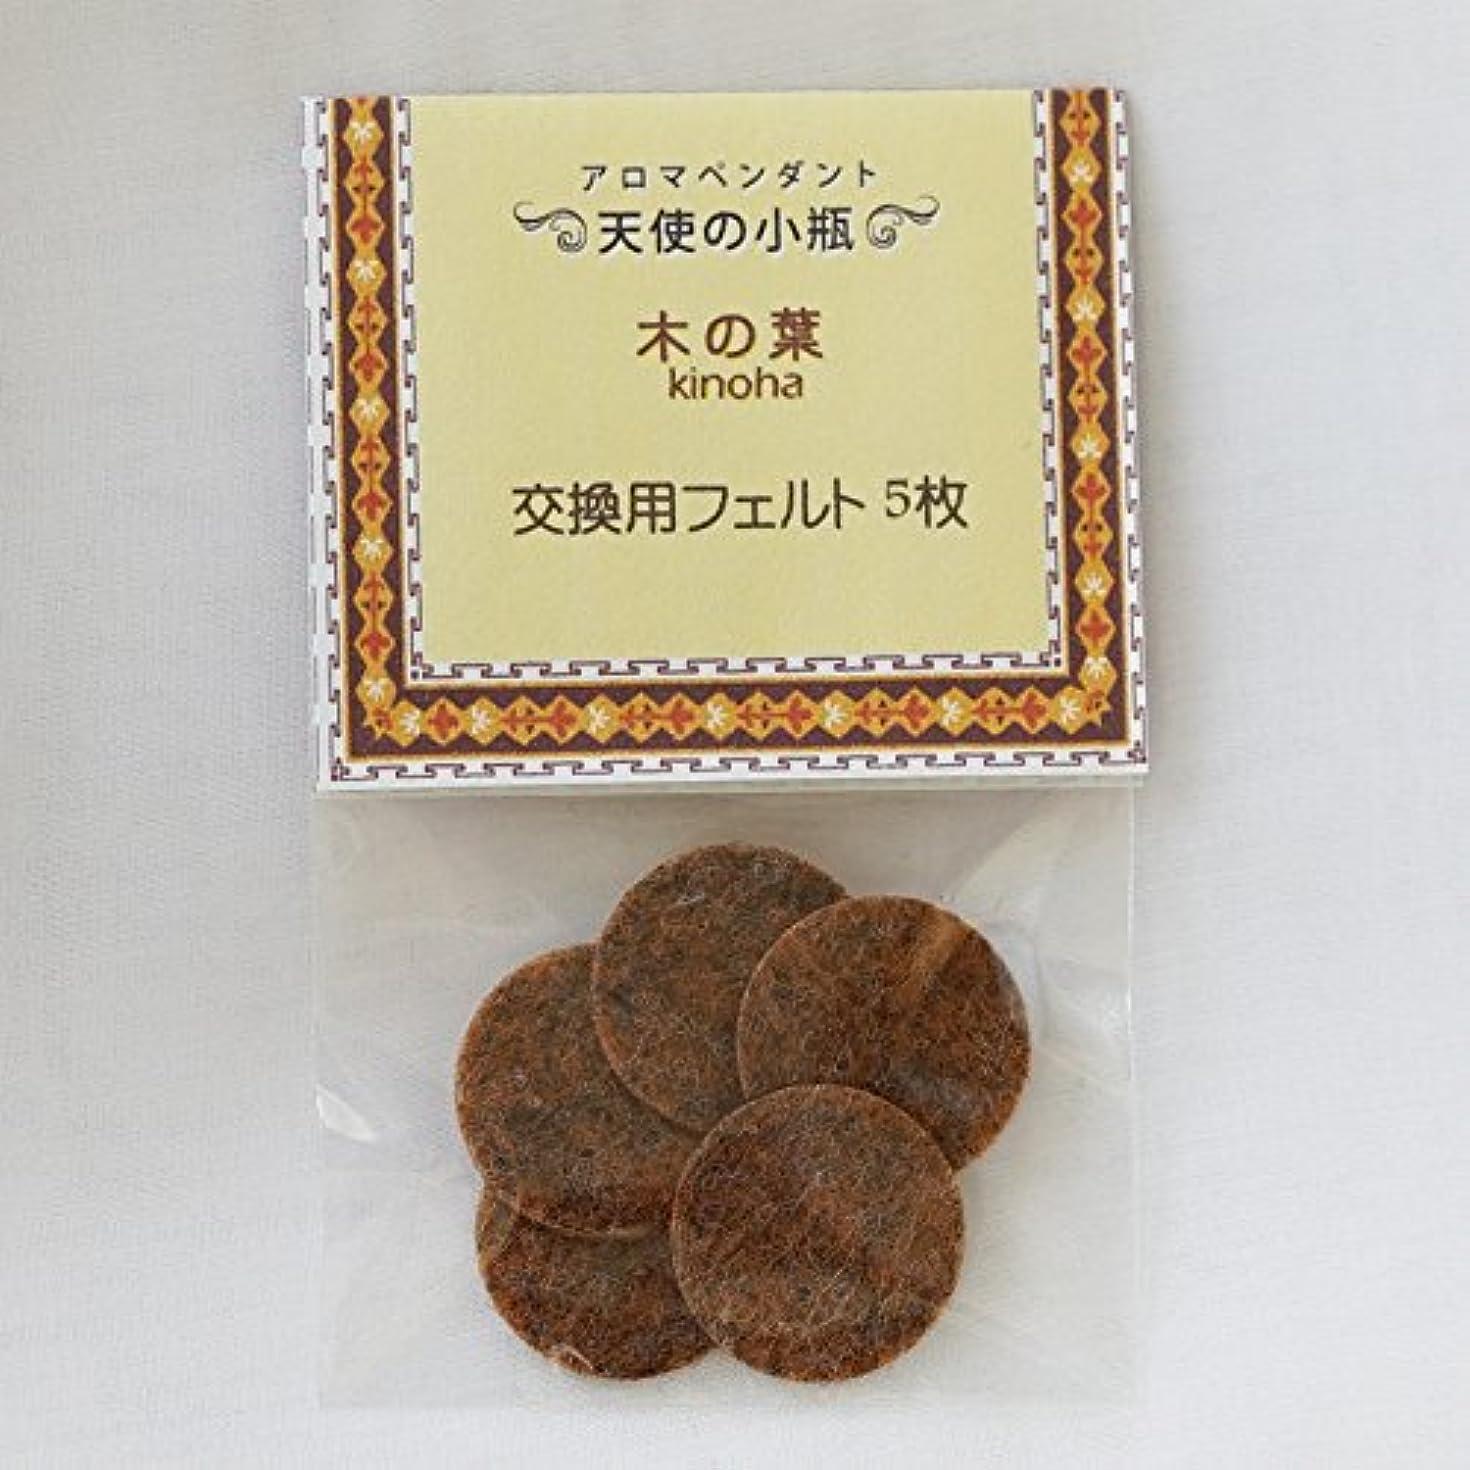 著名な気性タービン【天使の小瓶】 木の葉(ゴールド)交換用フェルト5枚